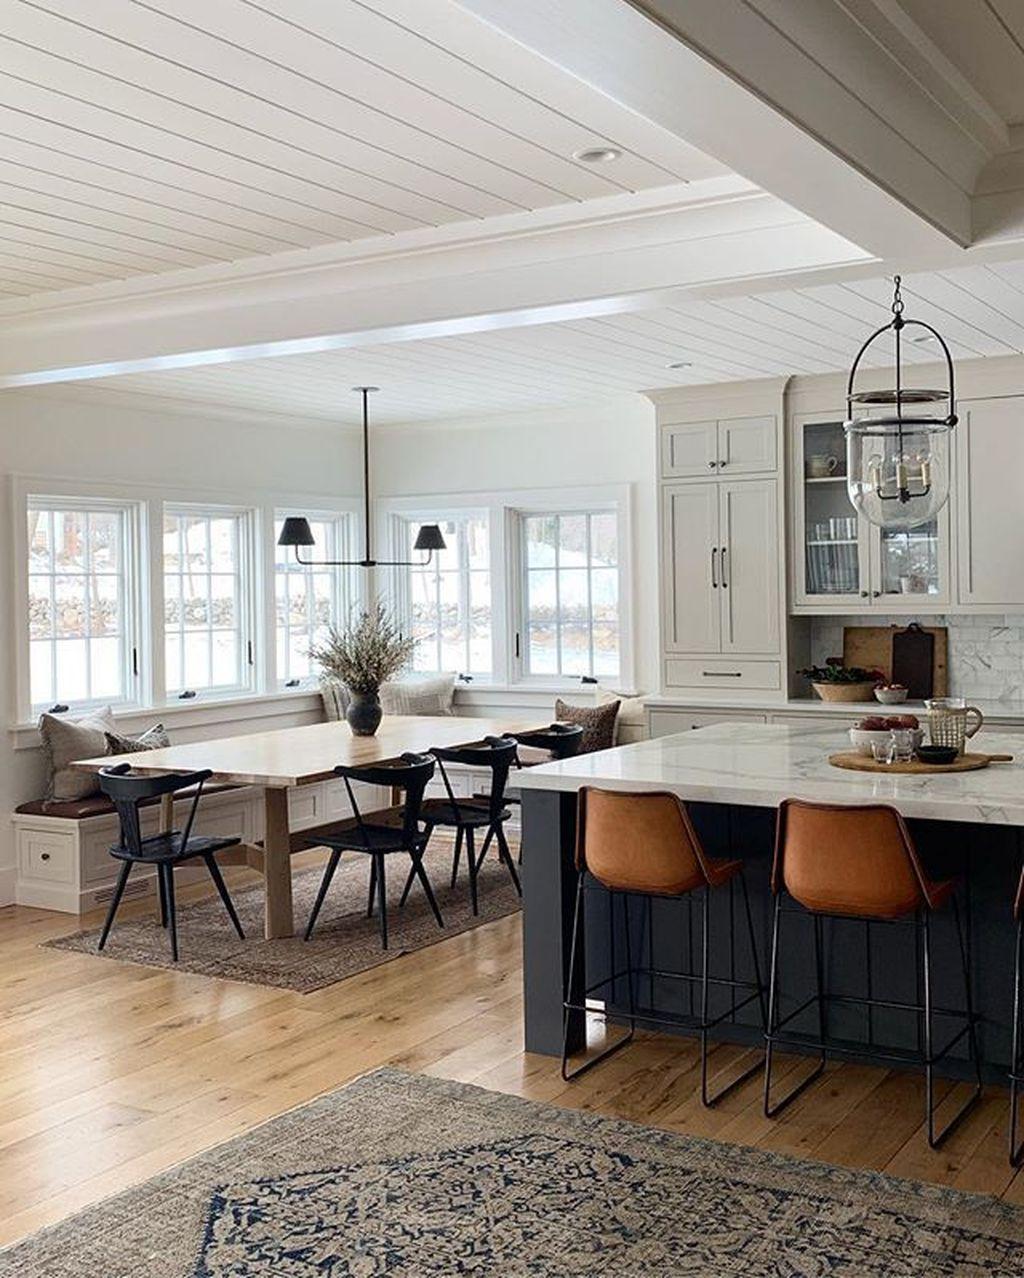 Stunning Modern Farmhouse Kitchen Table Design Ideas 08